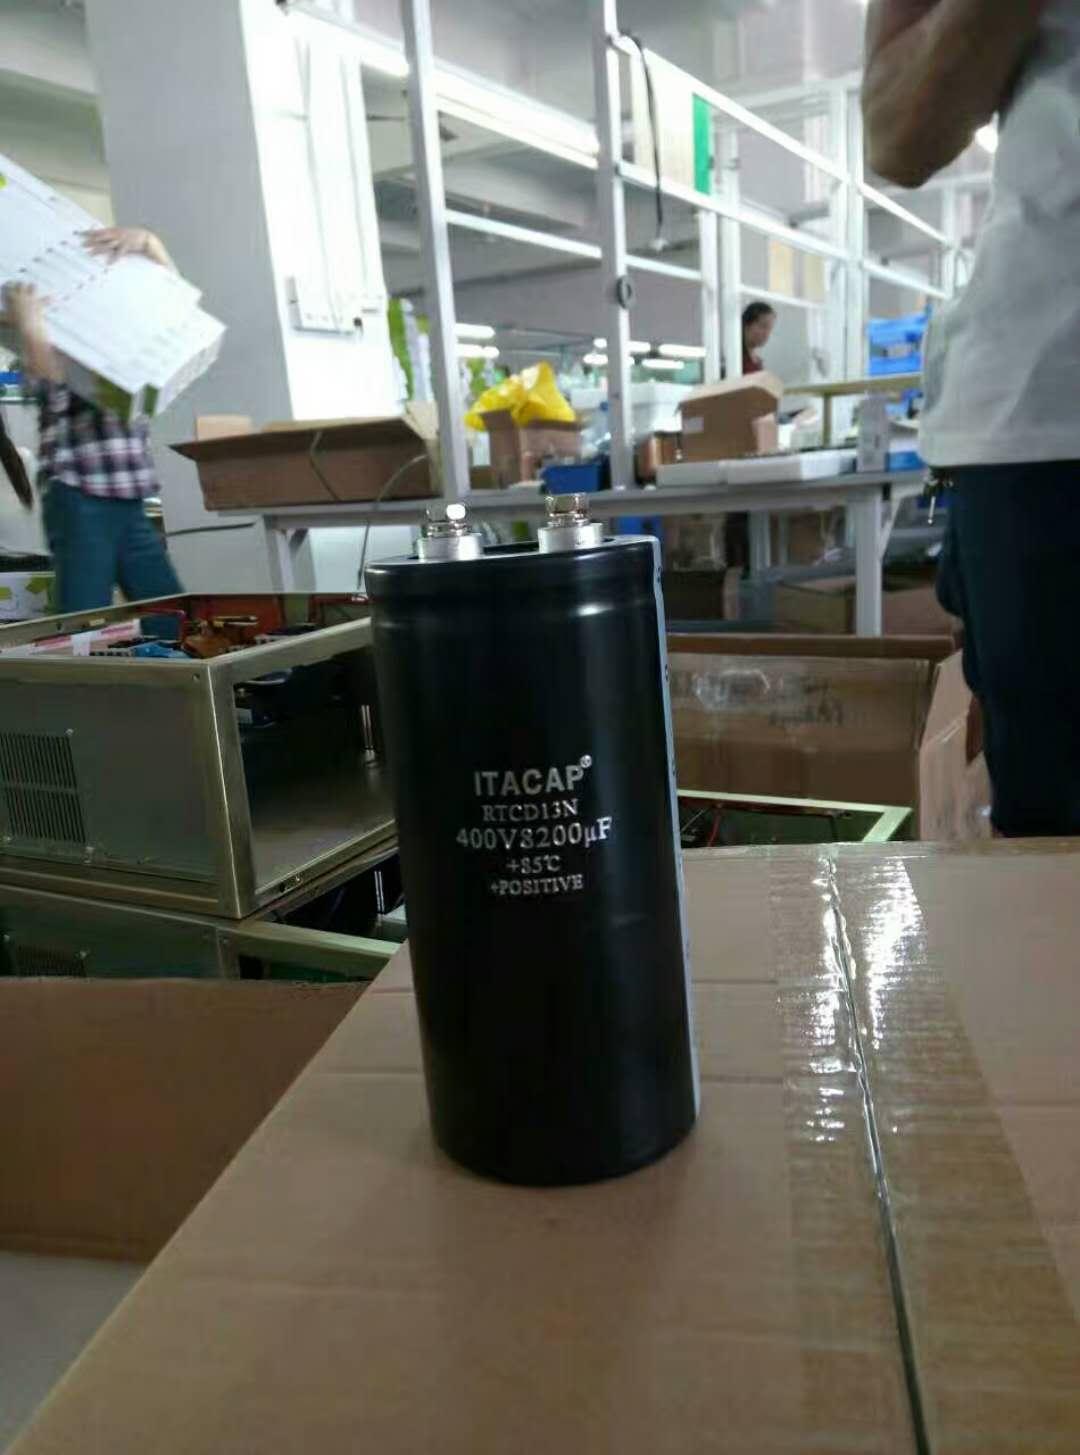 100v68000uf电容-螺栓电容-中高压电解电容-储能电容器-ITA日田电容